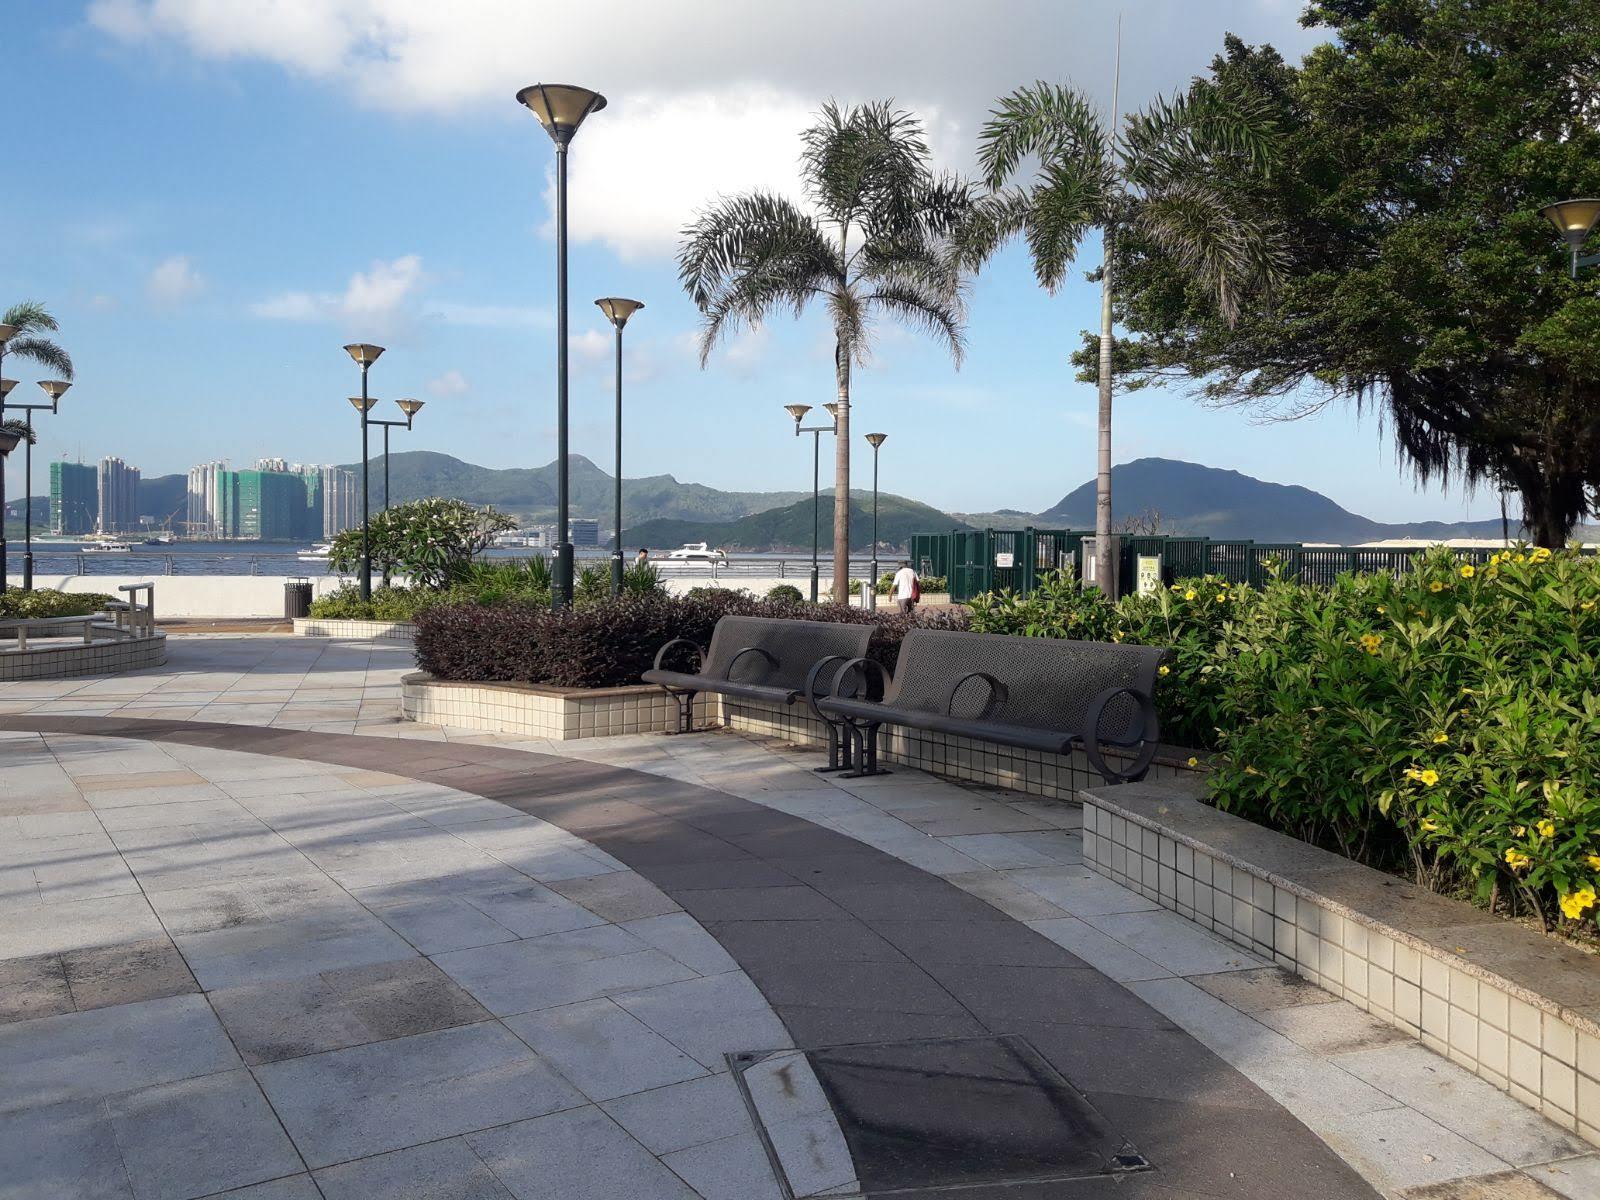 Sui Sai Wan Promenade's bench